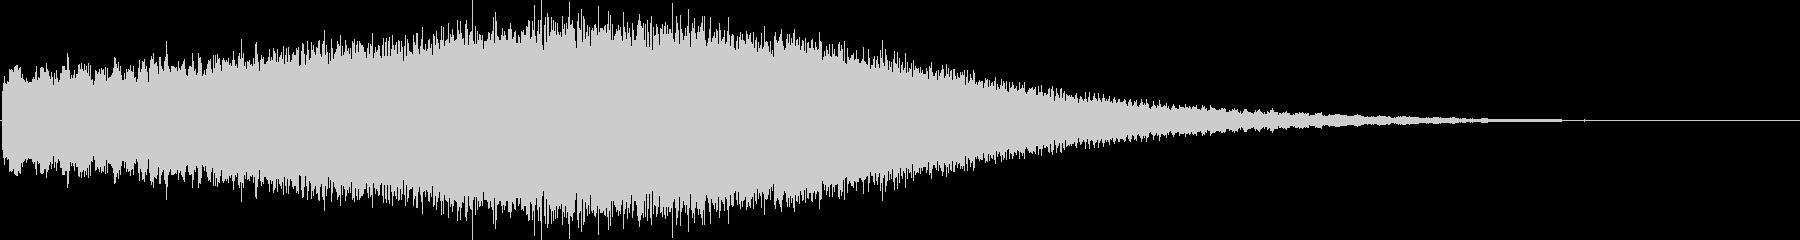 シンセエフェクト_SawRiserの未再生の波形